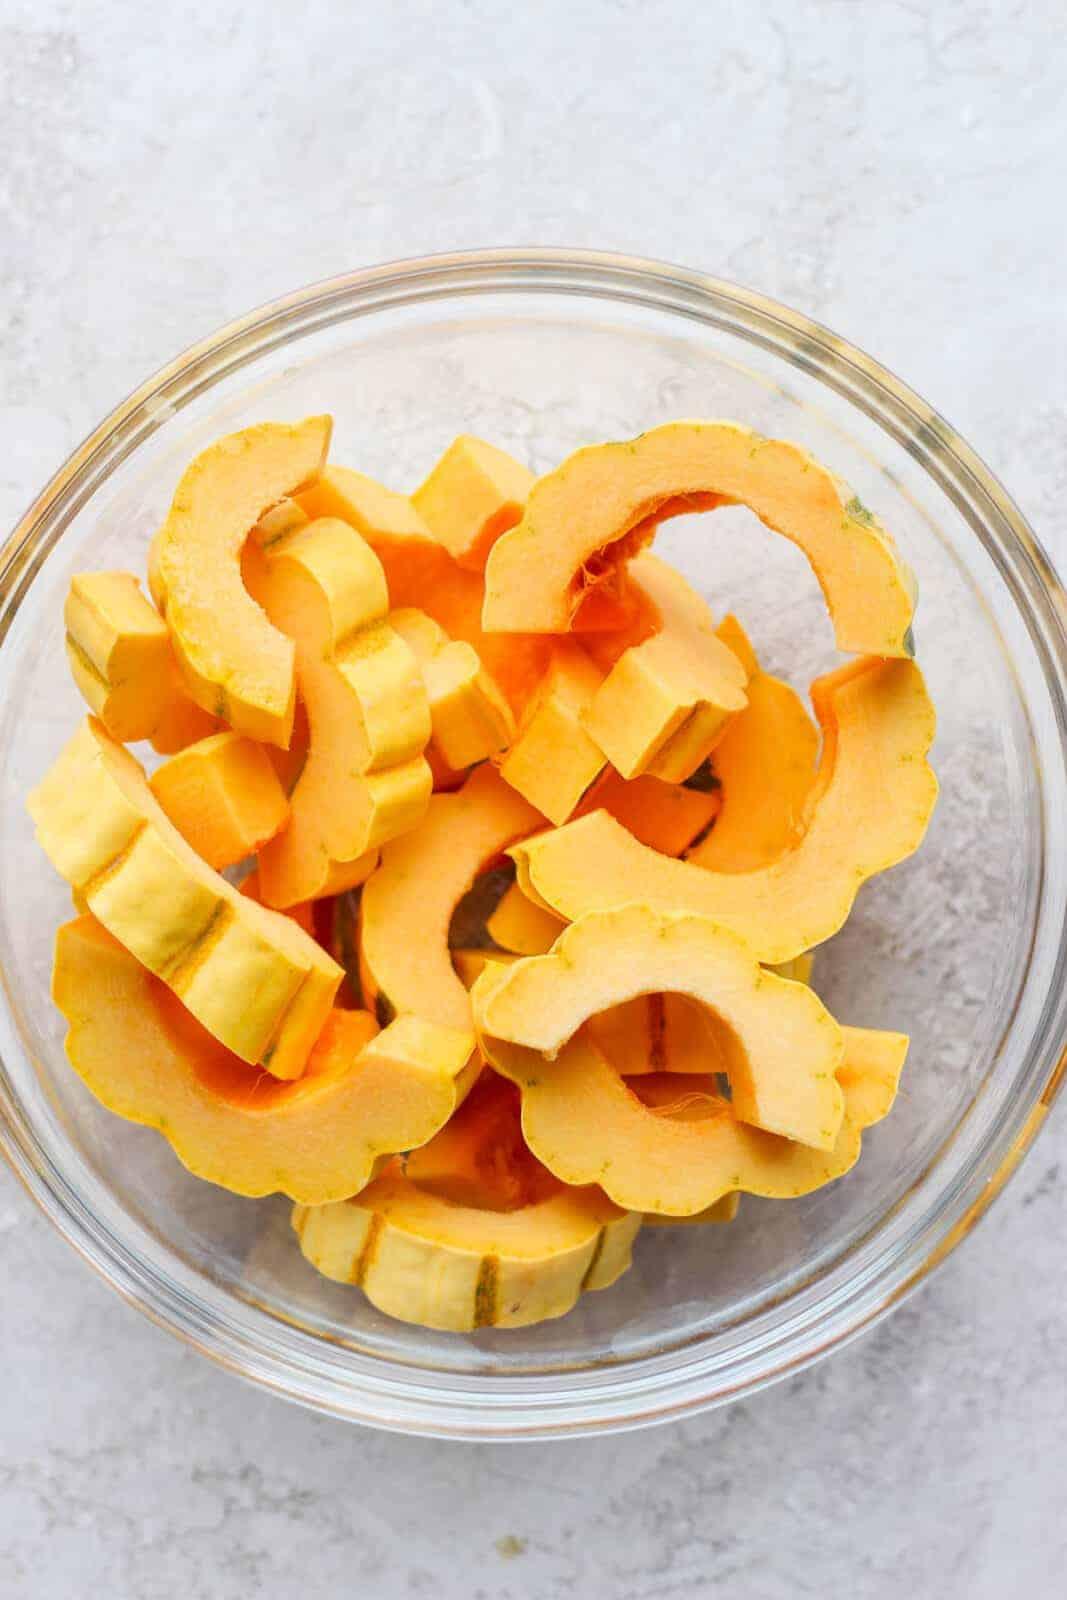 Delicata squash slices in a bowl.